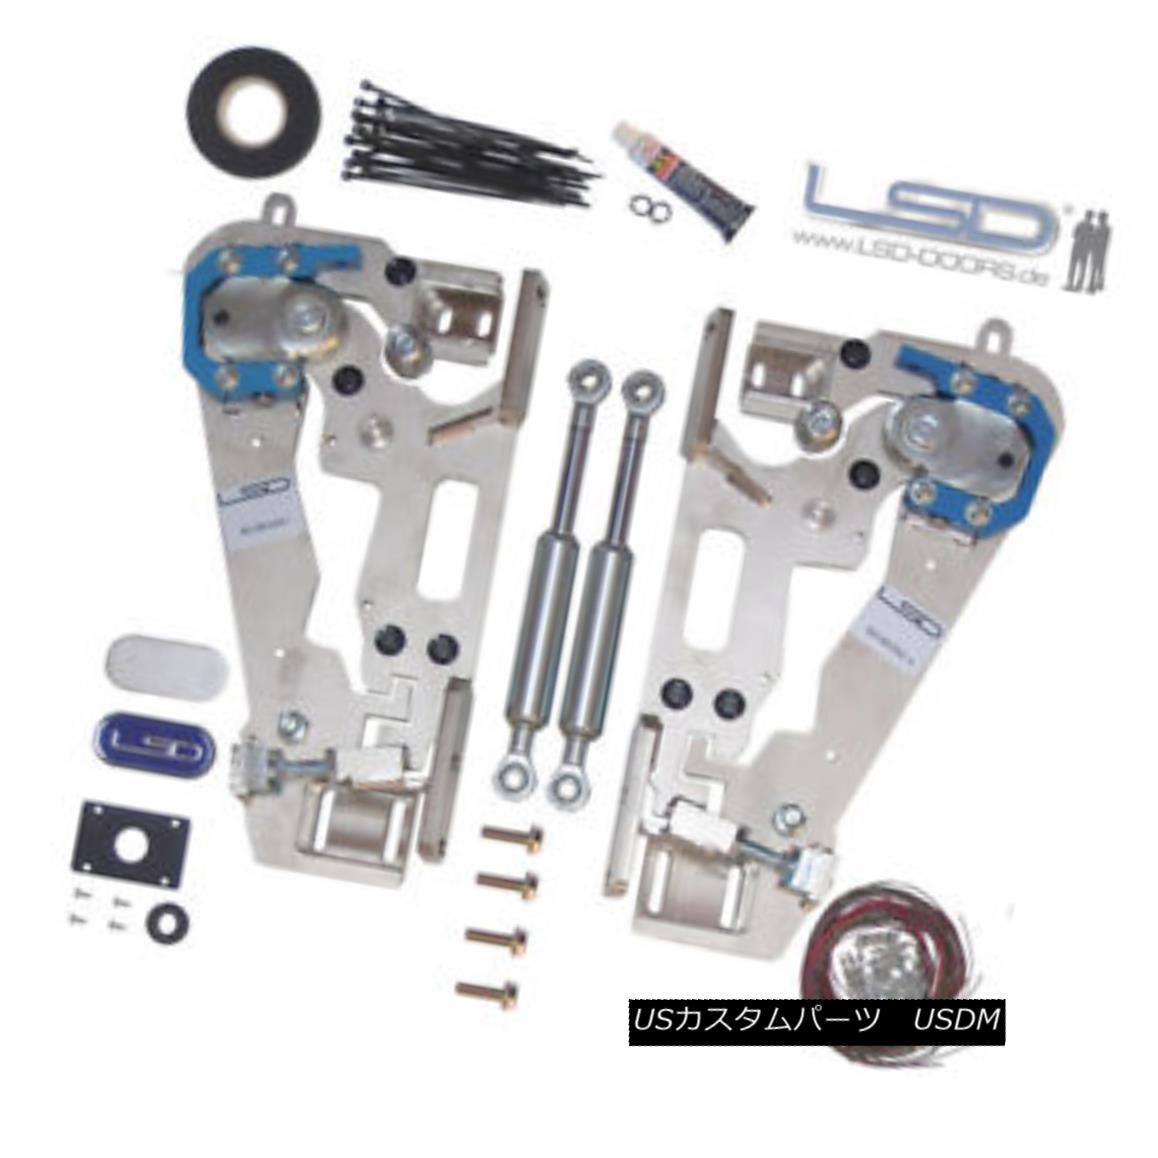 ガルウィングキット LSD Doors Lambo Style for VW Corrado 53I Vertical Door Kit 50080022 . VW Corrado 53I垂直ドアキット50080022用LSDドアランボスタイル。